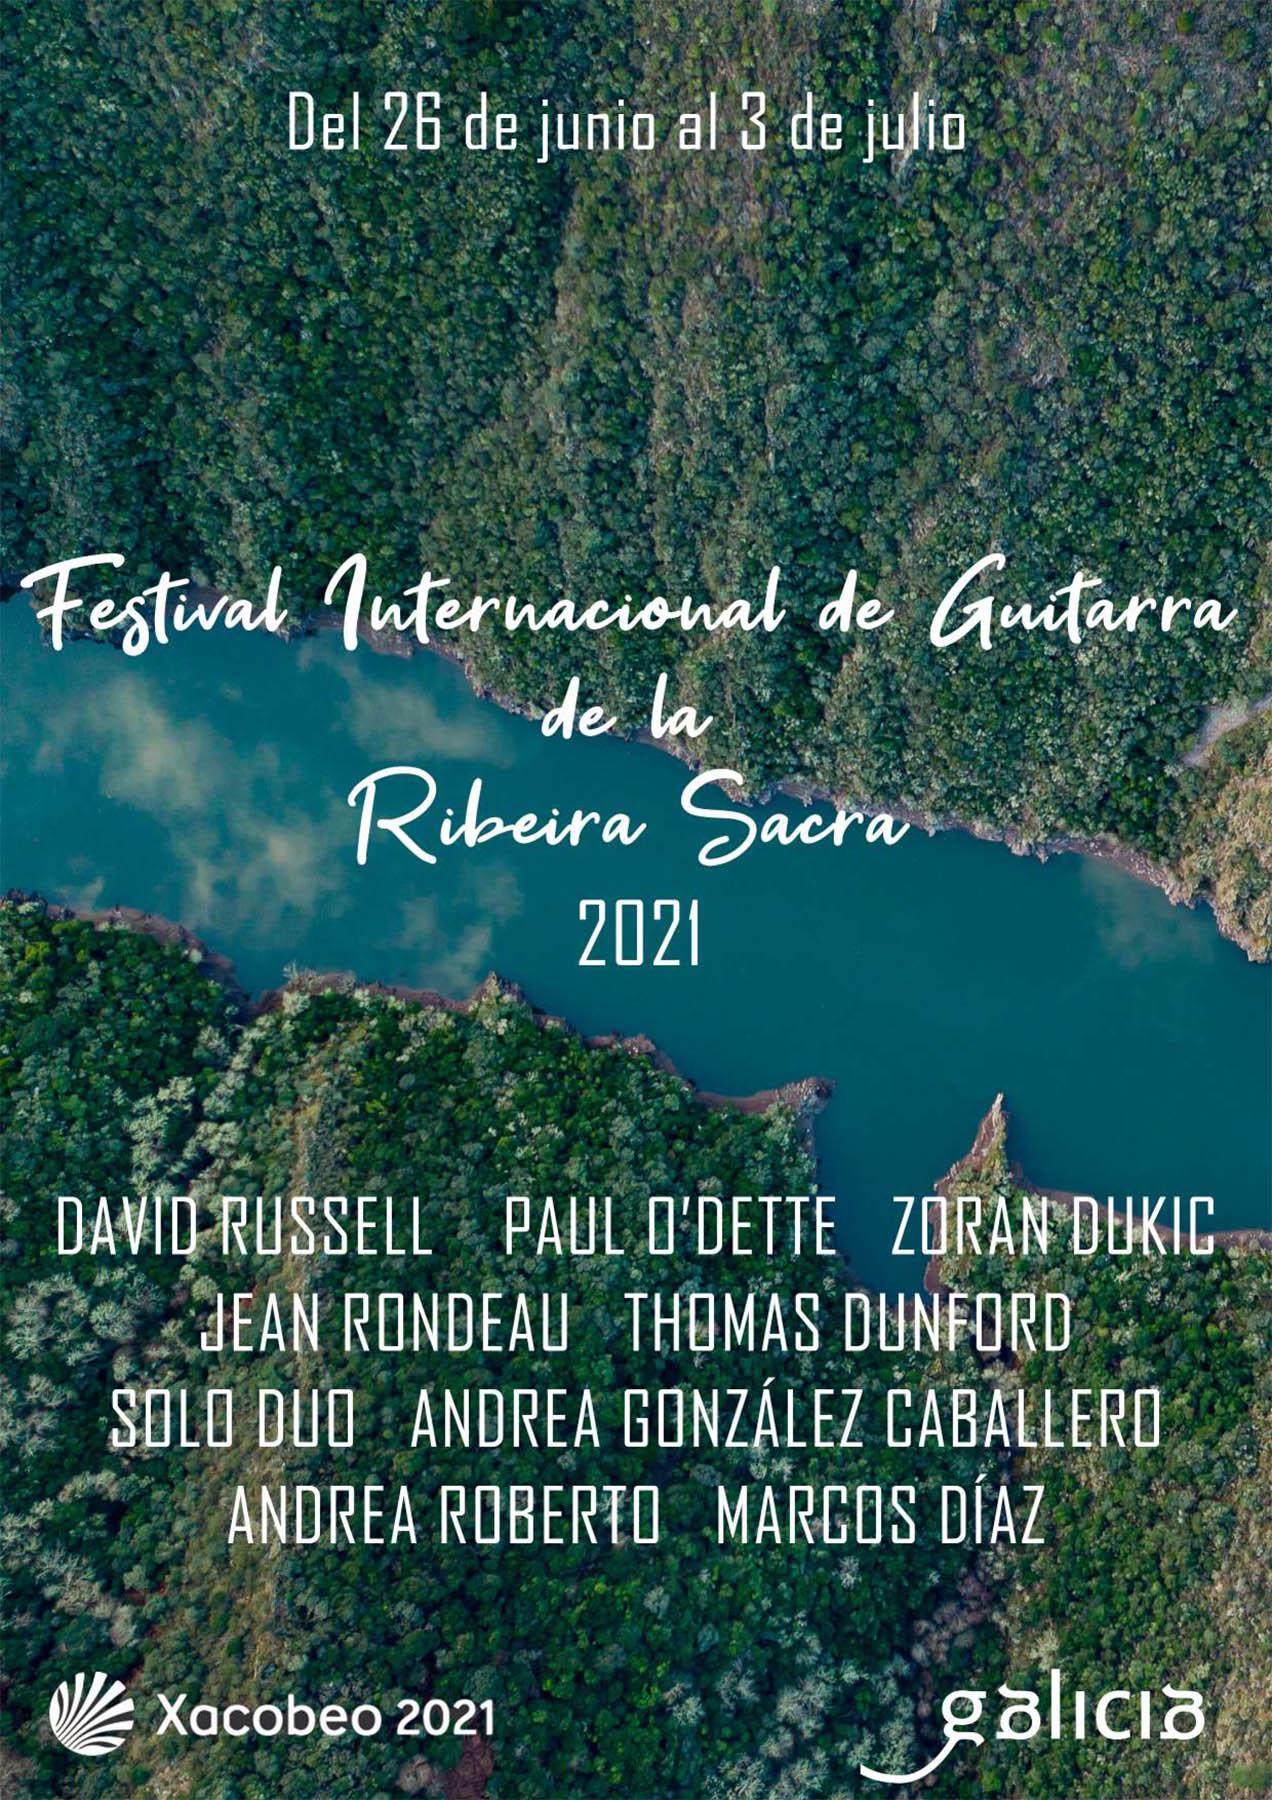 Cartel del Festival Internacional de Guitarra Ribeira Sacra 2021